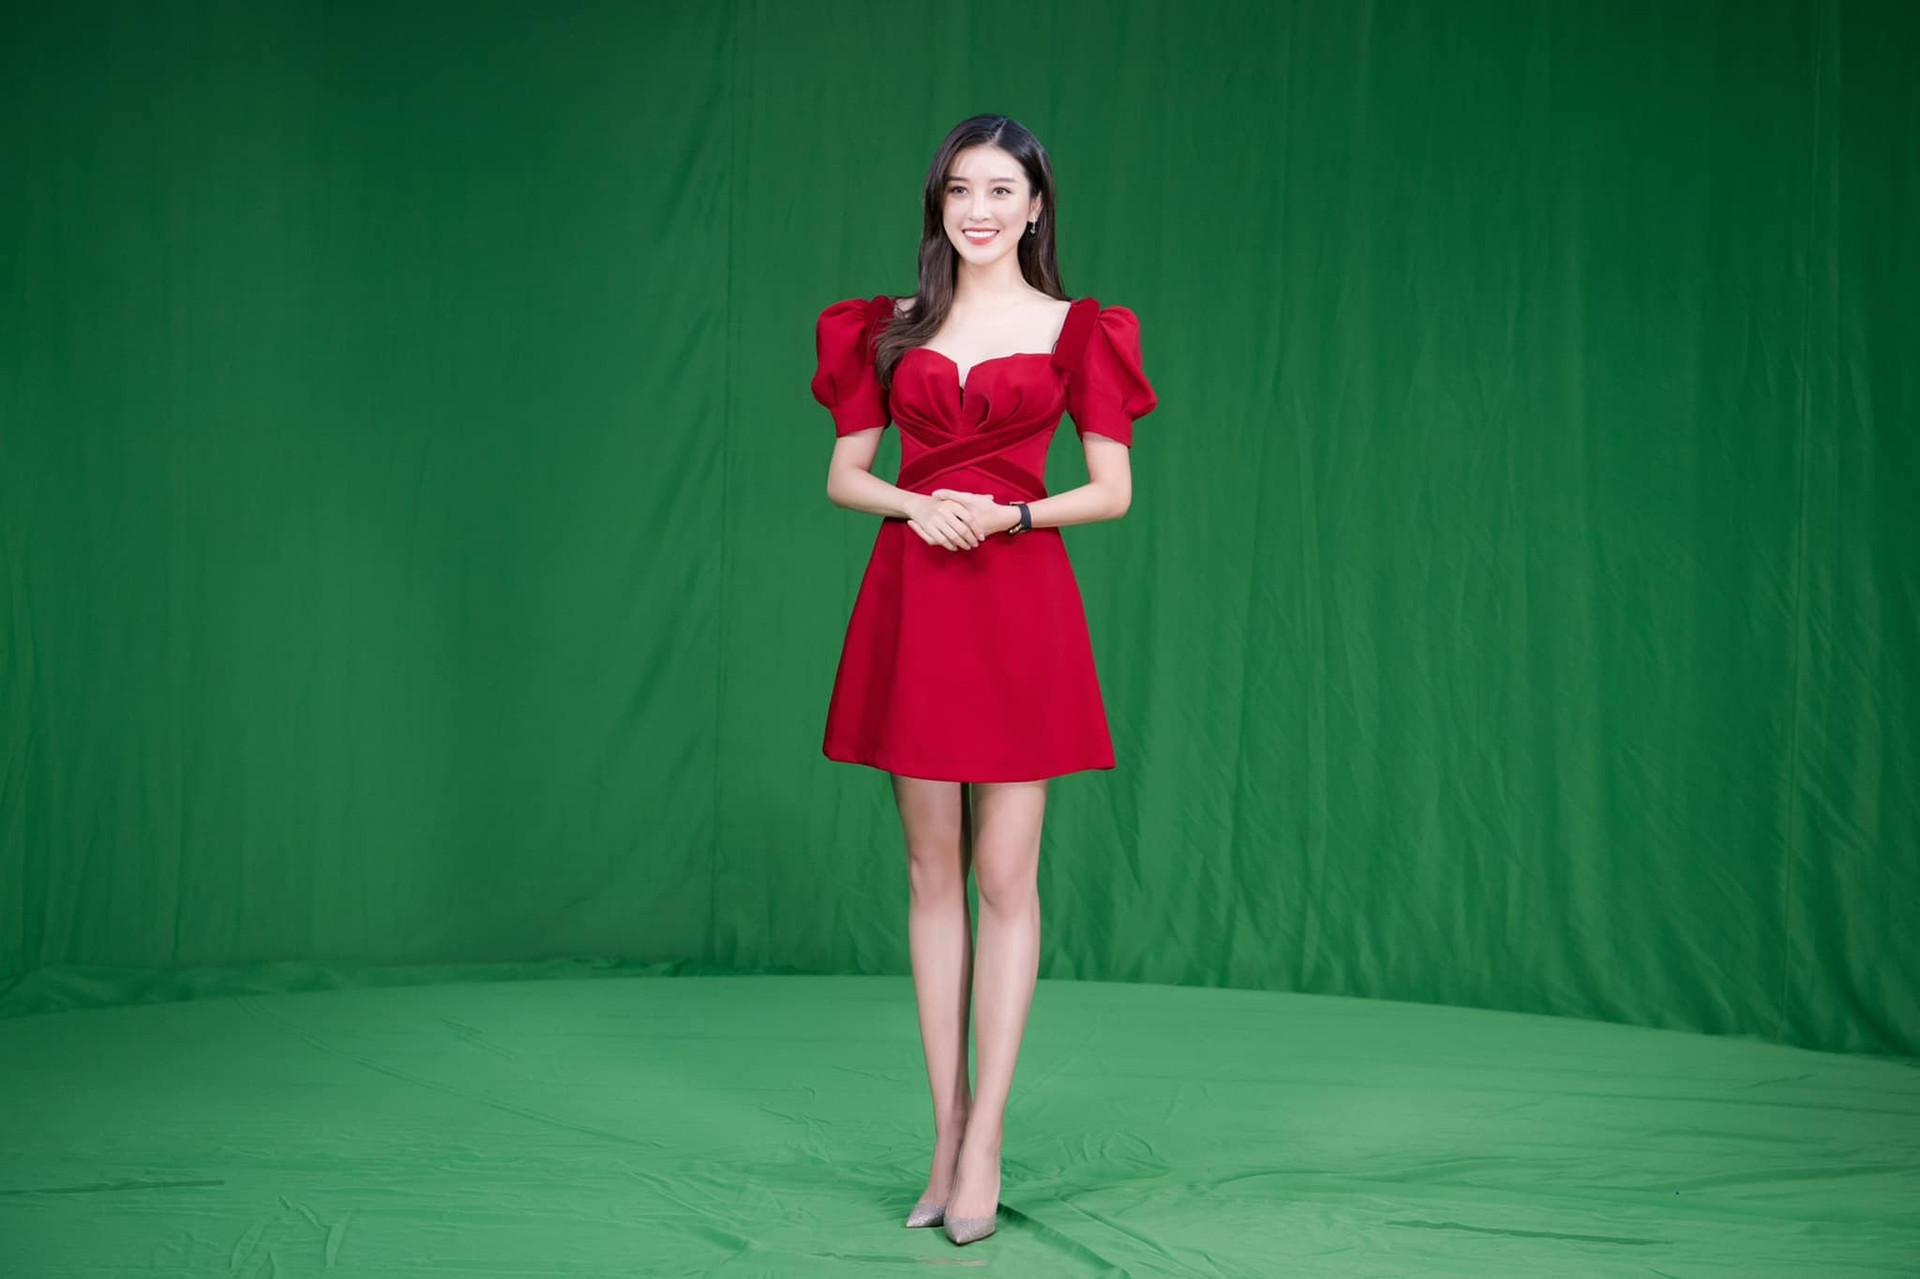 """Ngoài đồng hồ 3 tỷ đồng, """"quốc bảo nhan sắc Việt"""" tiết lộ tránh và nên mặc gì khi lên truyền hình - 1"""